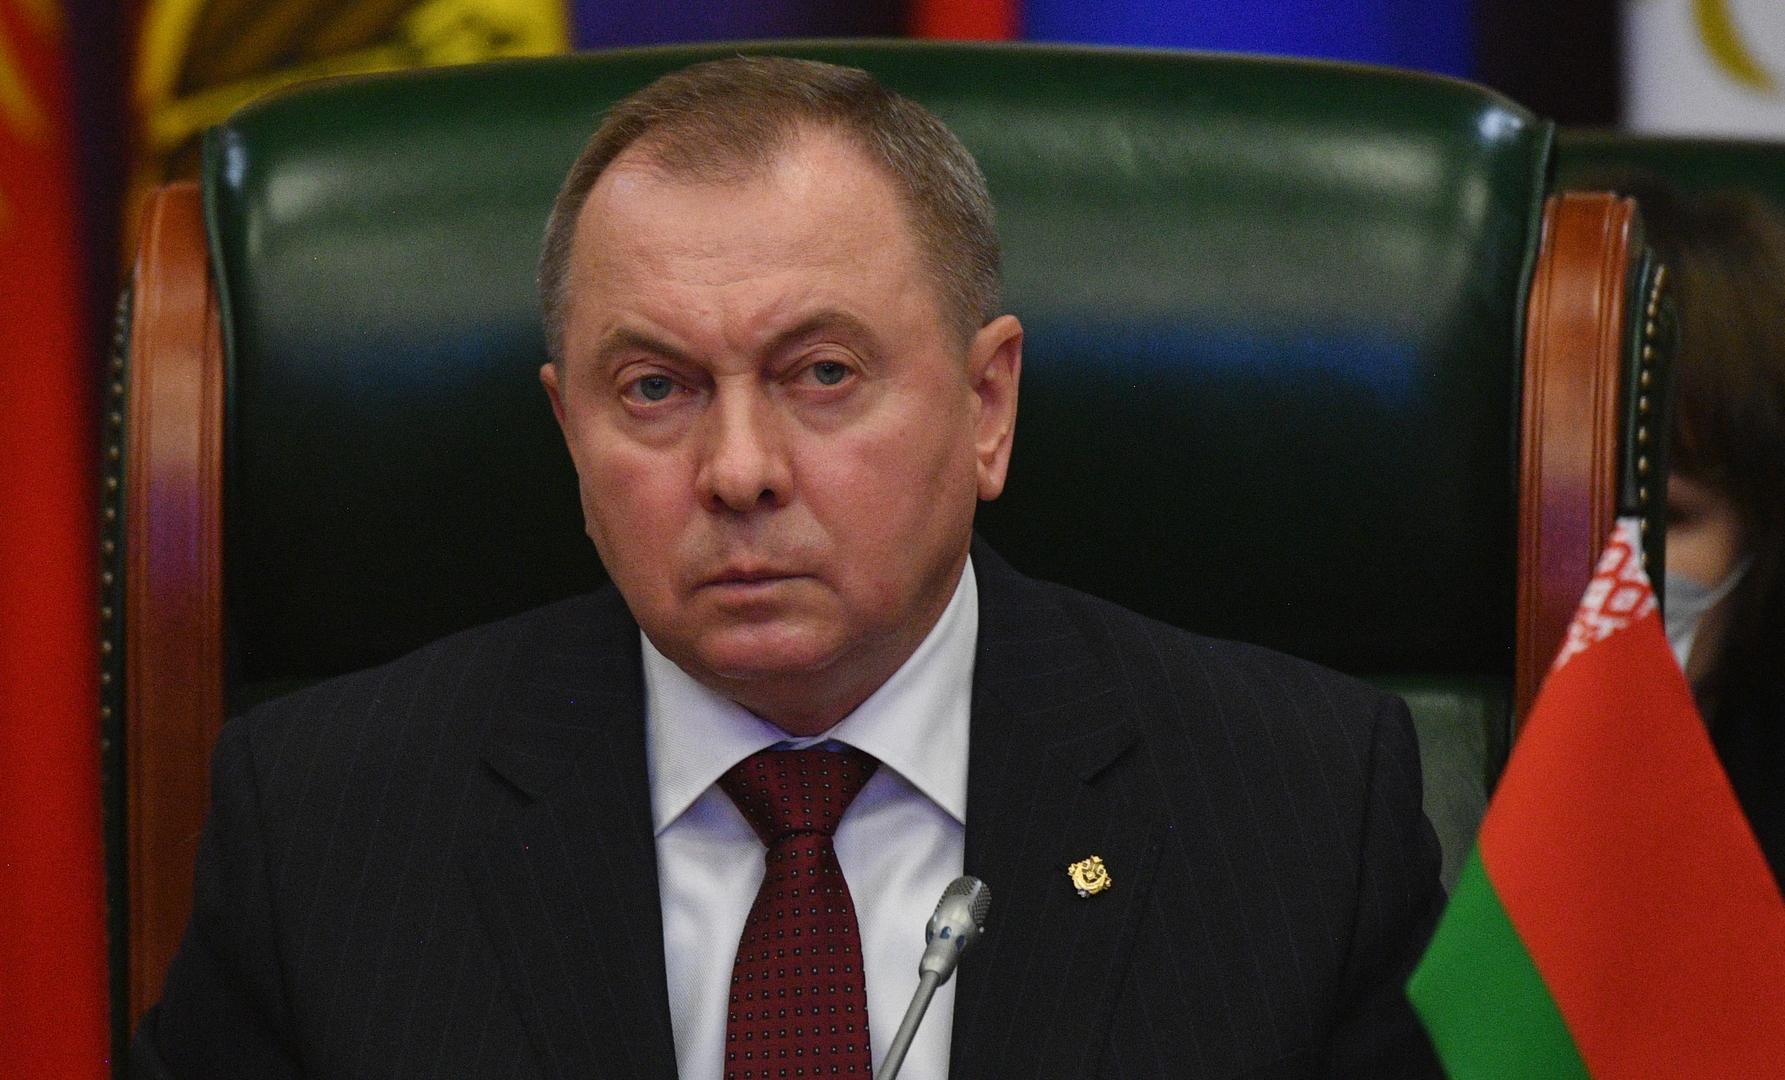 مينسك: لا نسمح للغرب بتحويل بيلاروس إلى أوكرانيا ثانية